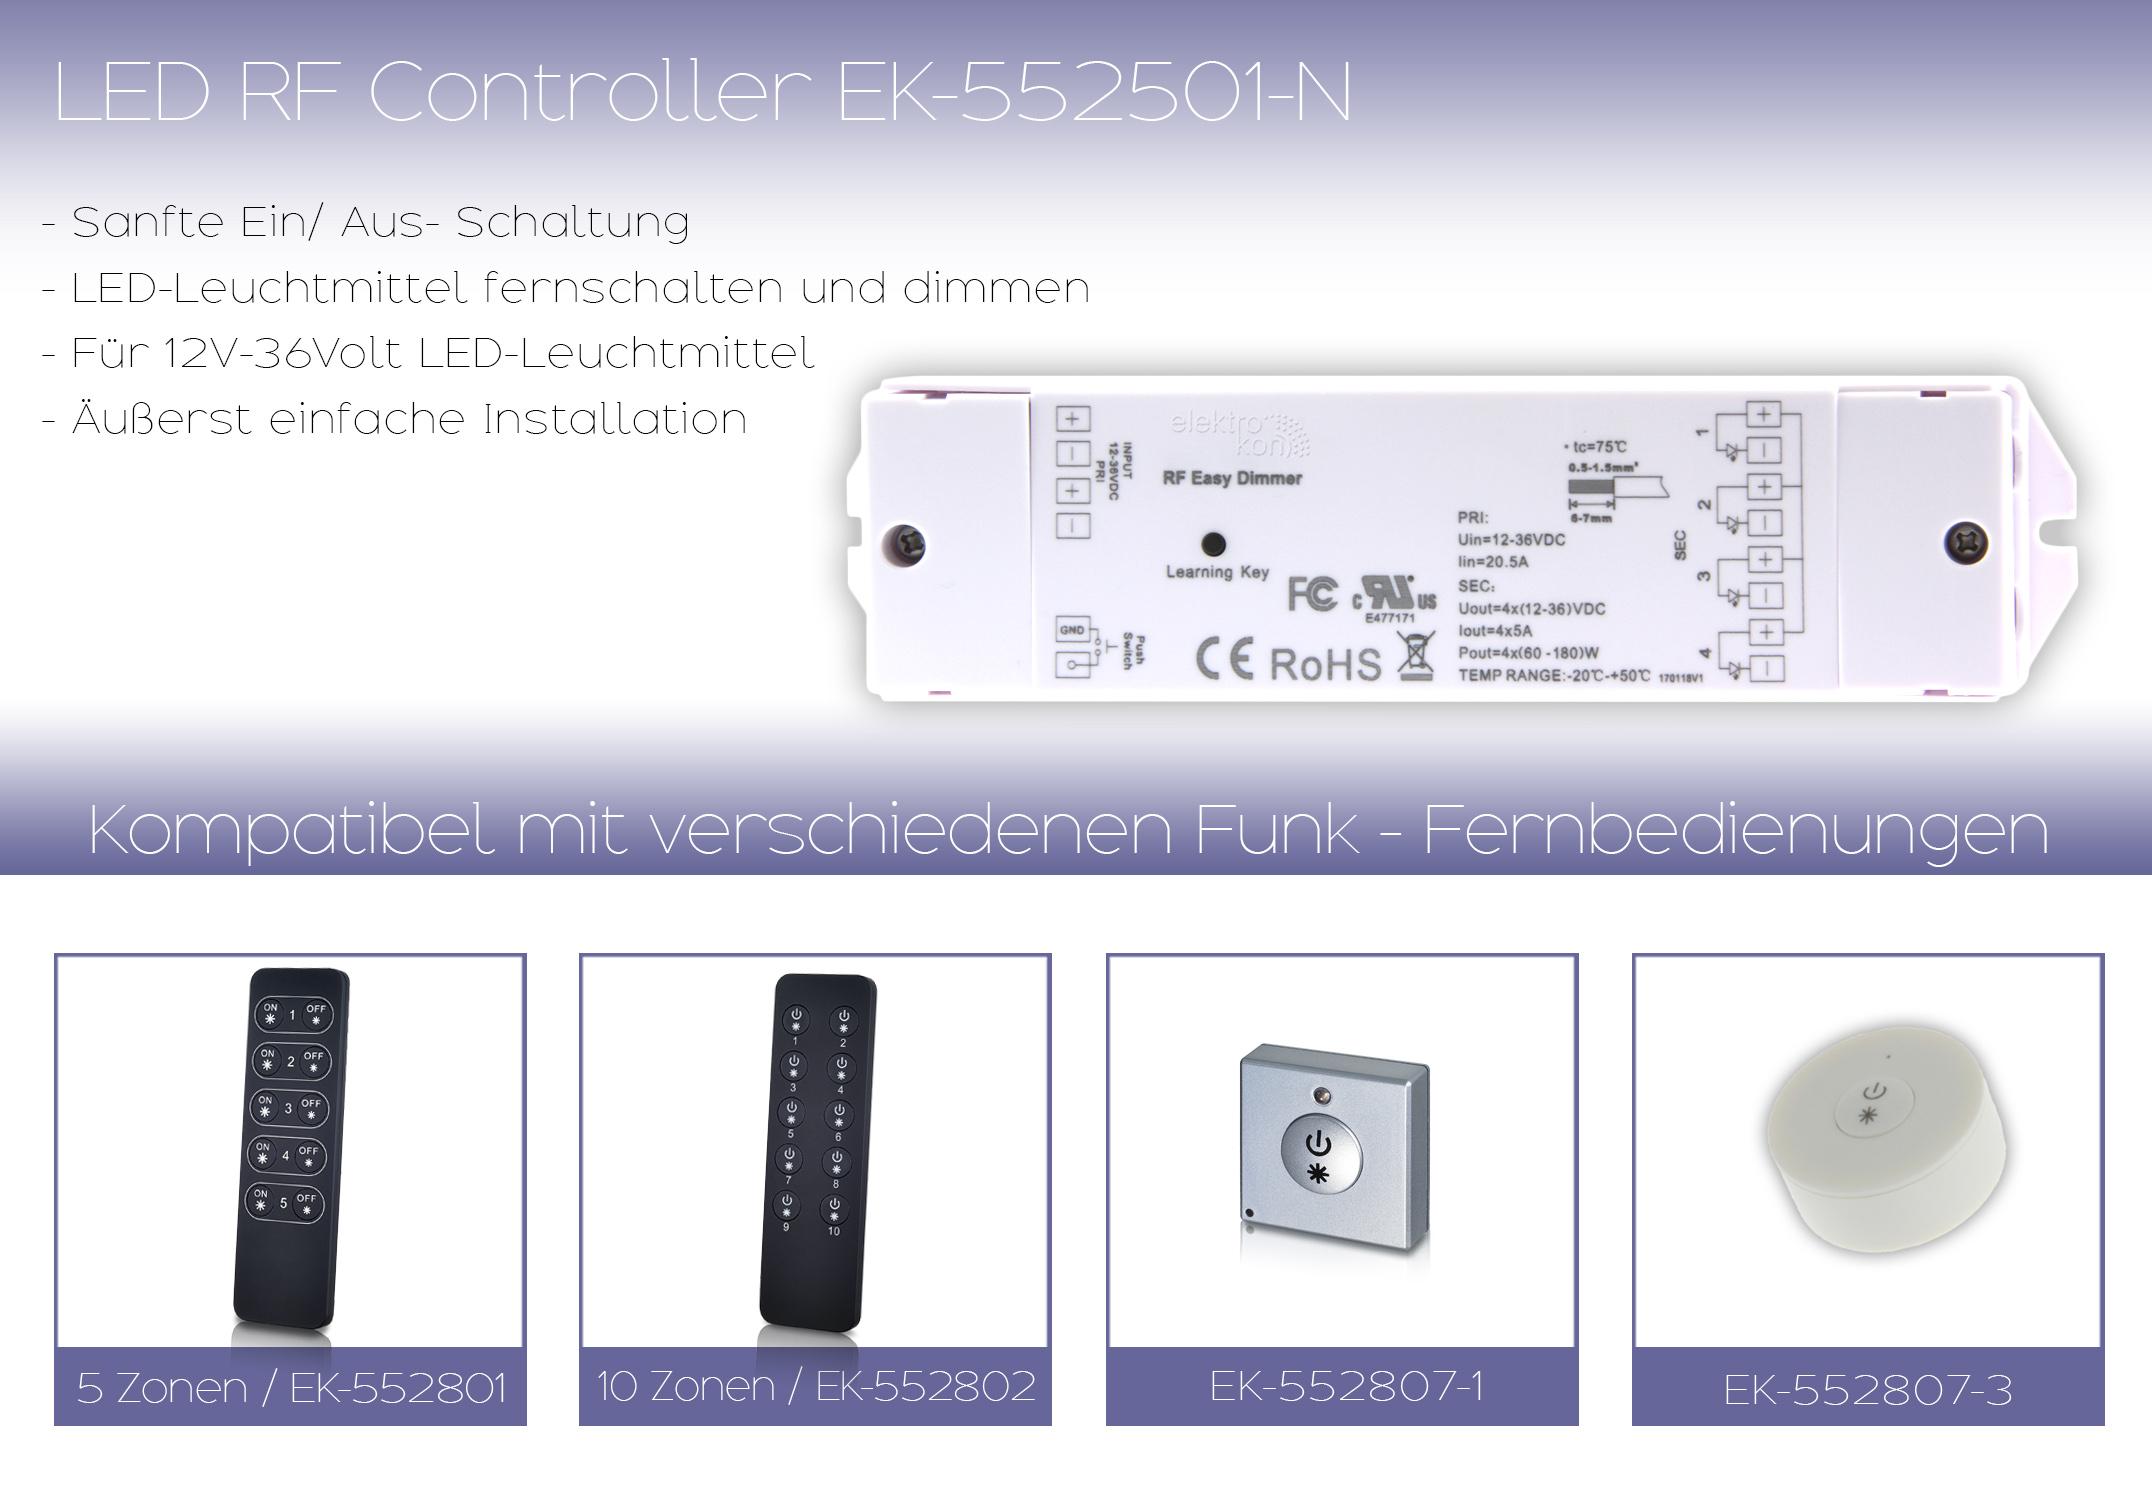 ek-552501N-1 Erstaunlich Dimmer Schalter Mit Fernbedienung Dekorationen